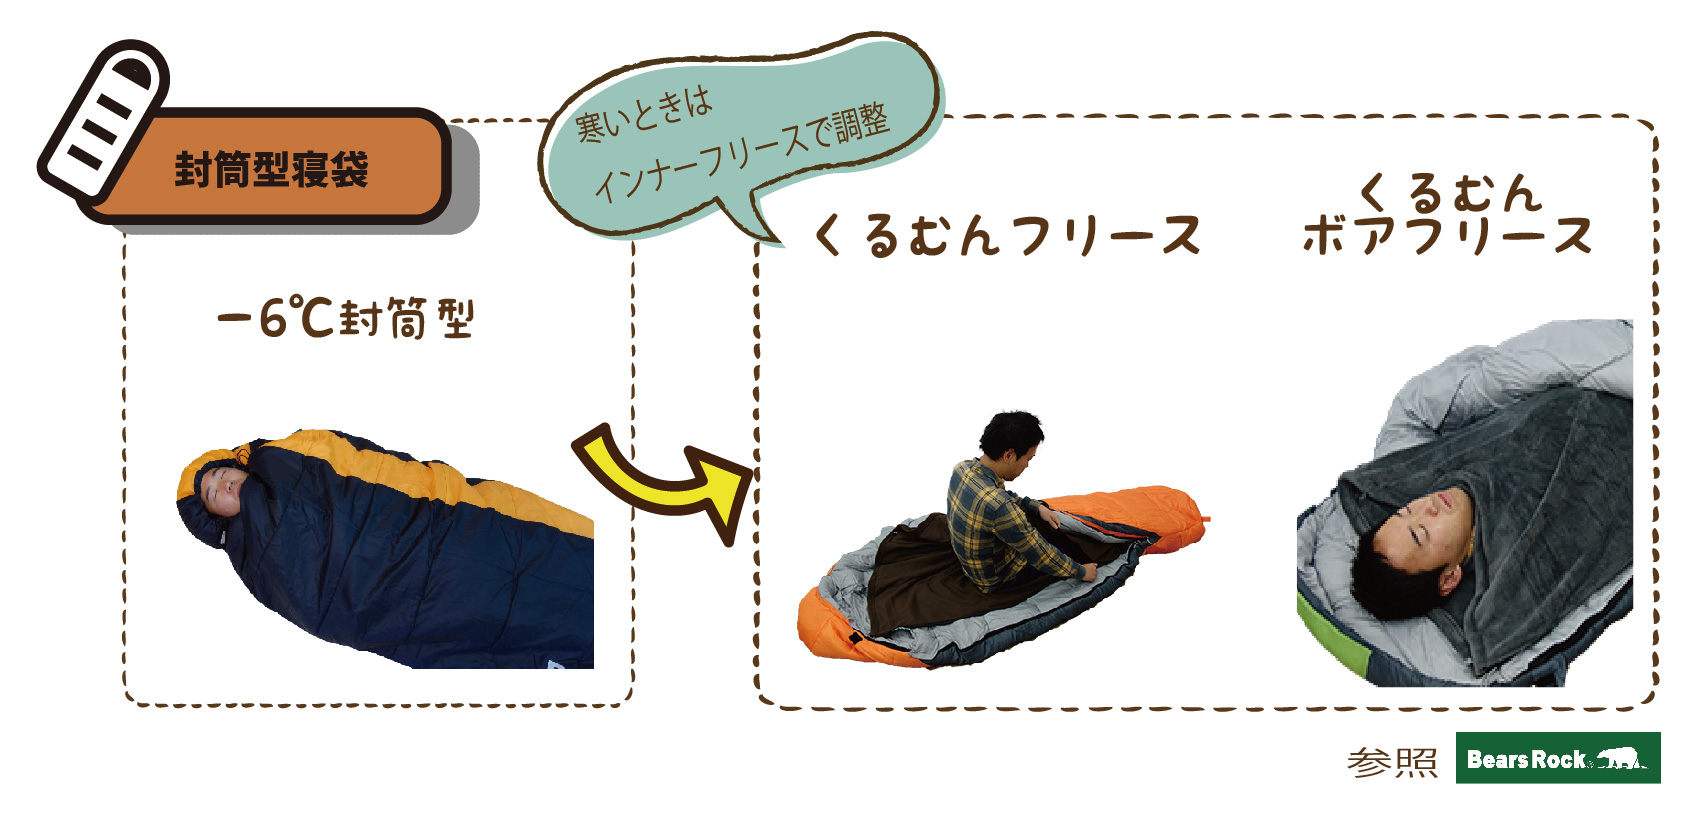 真冬用の寝袋の写真